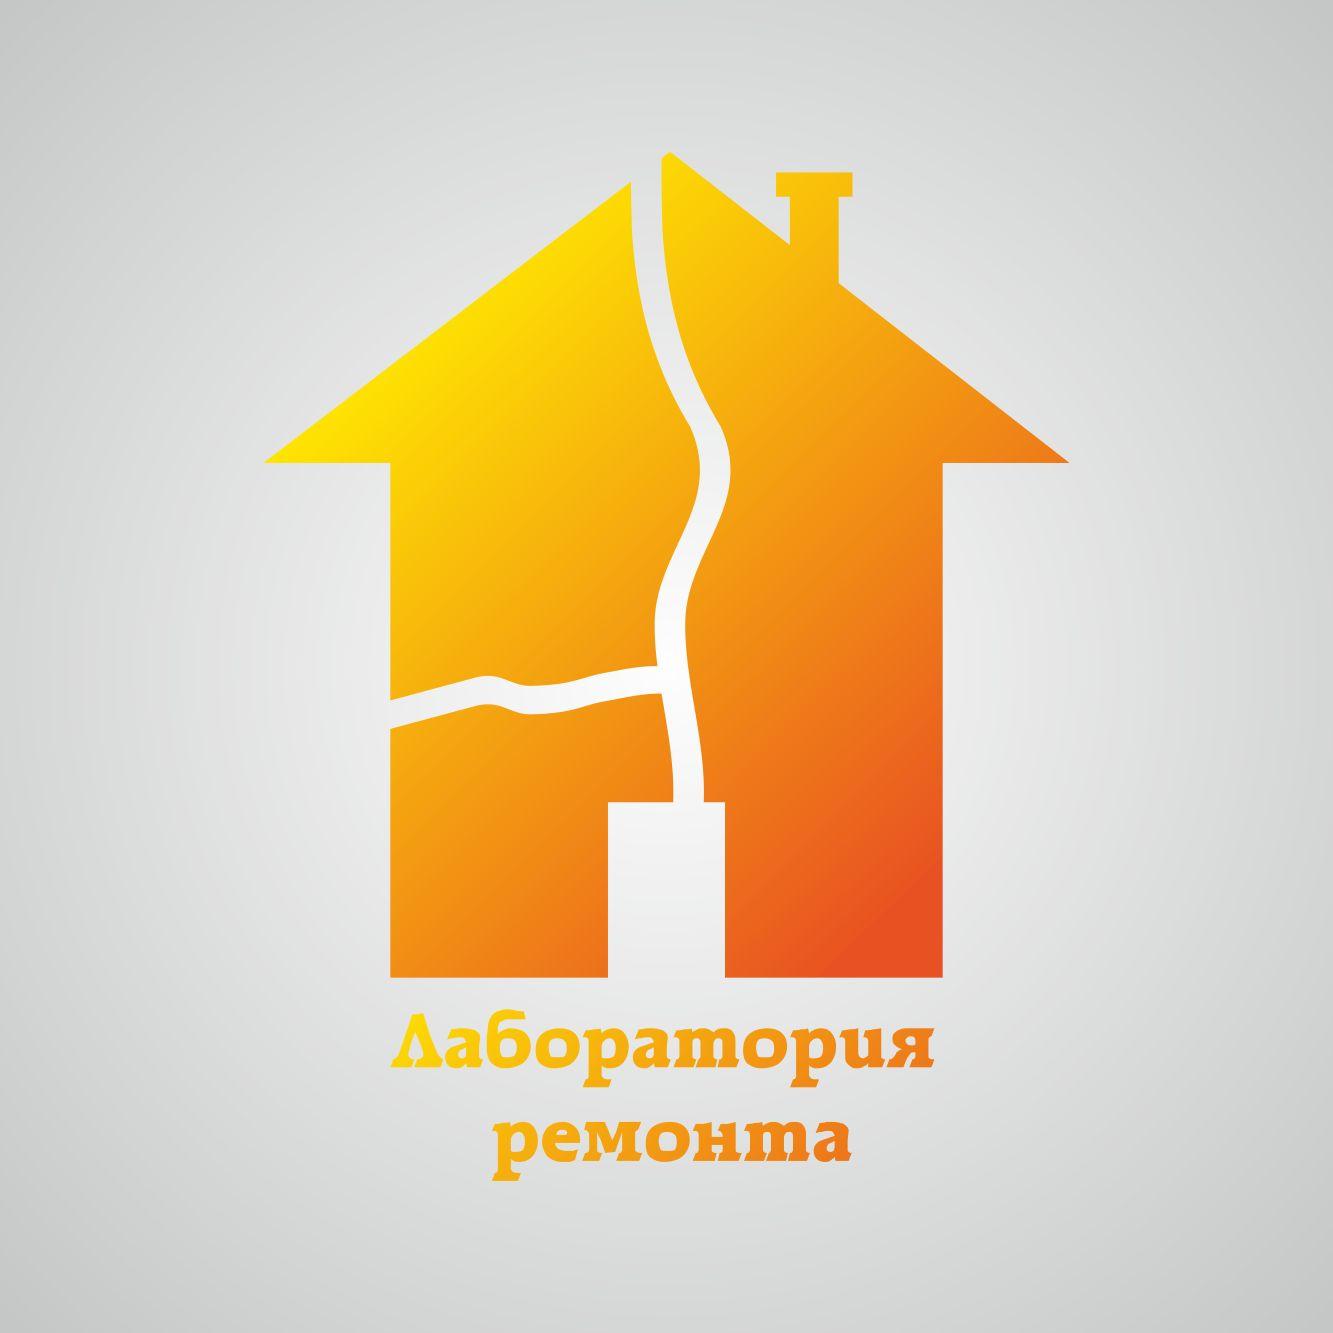 Разработка логотипа компании по ремонту и дизайну - дизайнер cfyz89